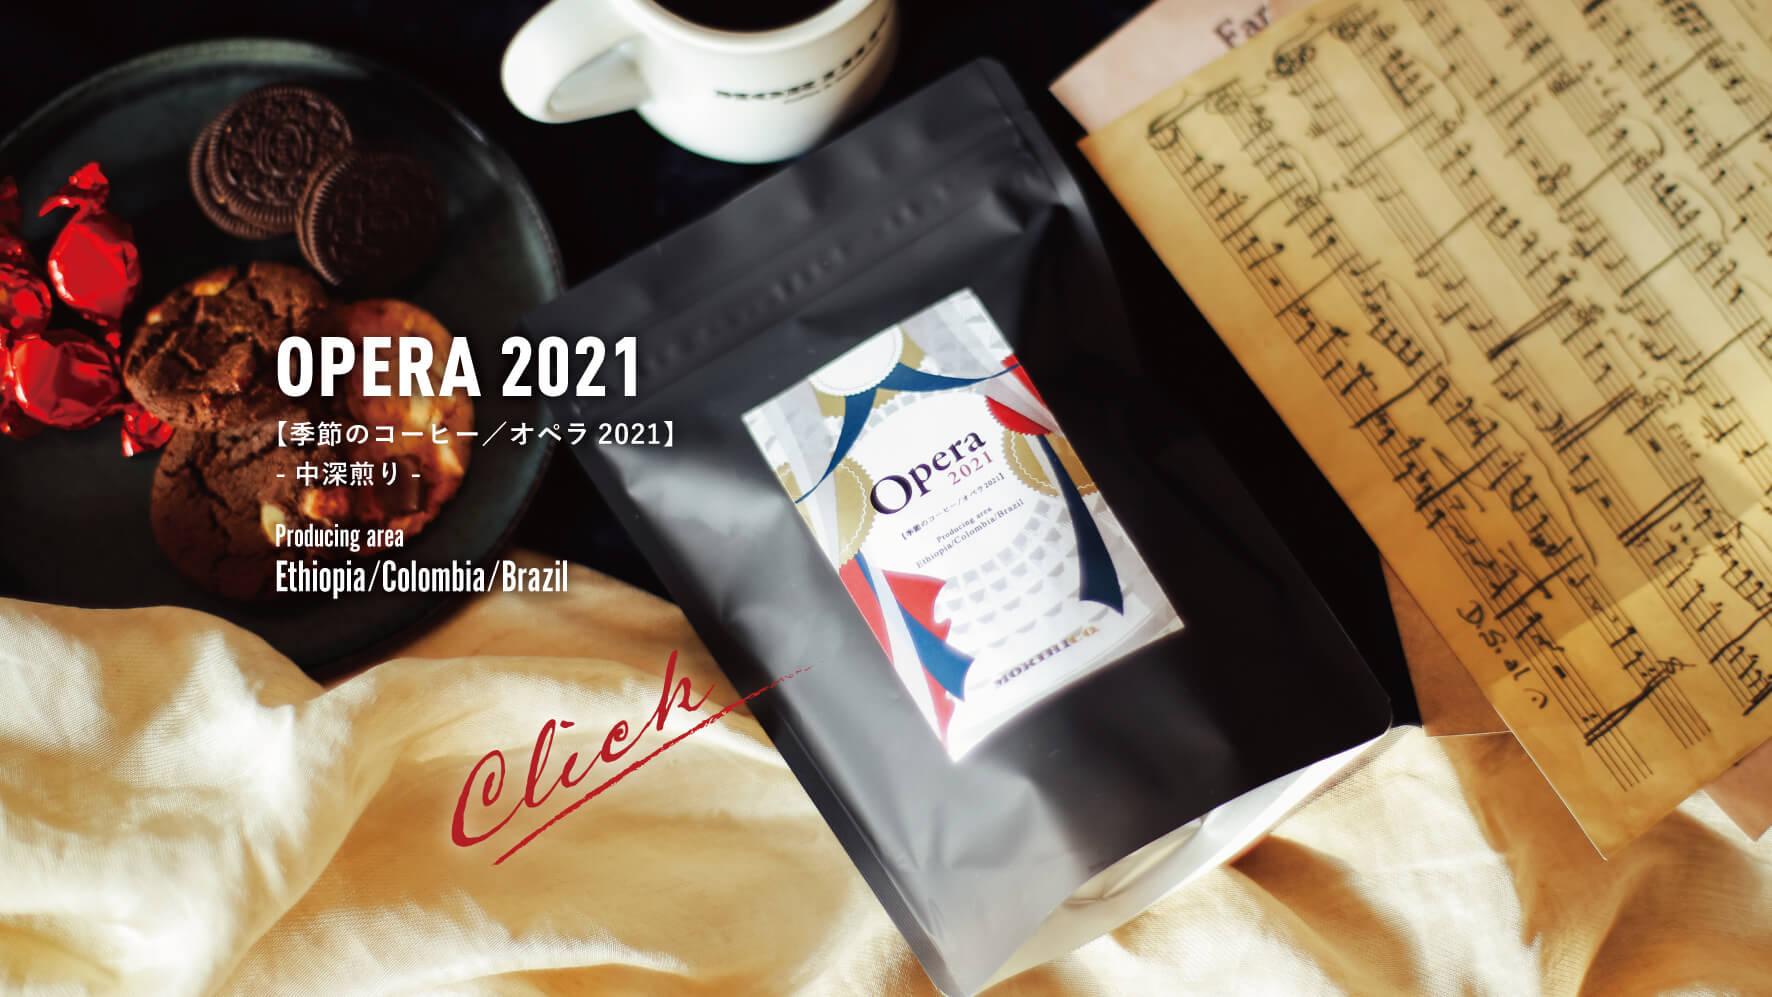 【オペラ2021】季節のコーヒー新発売